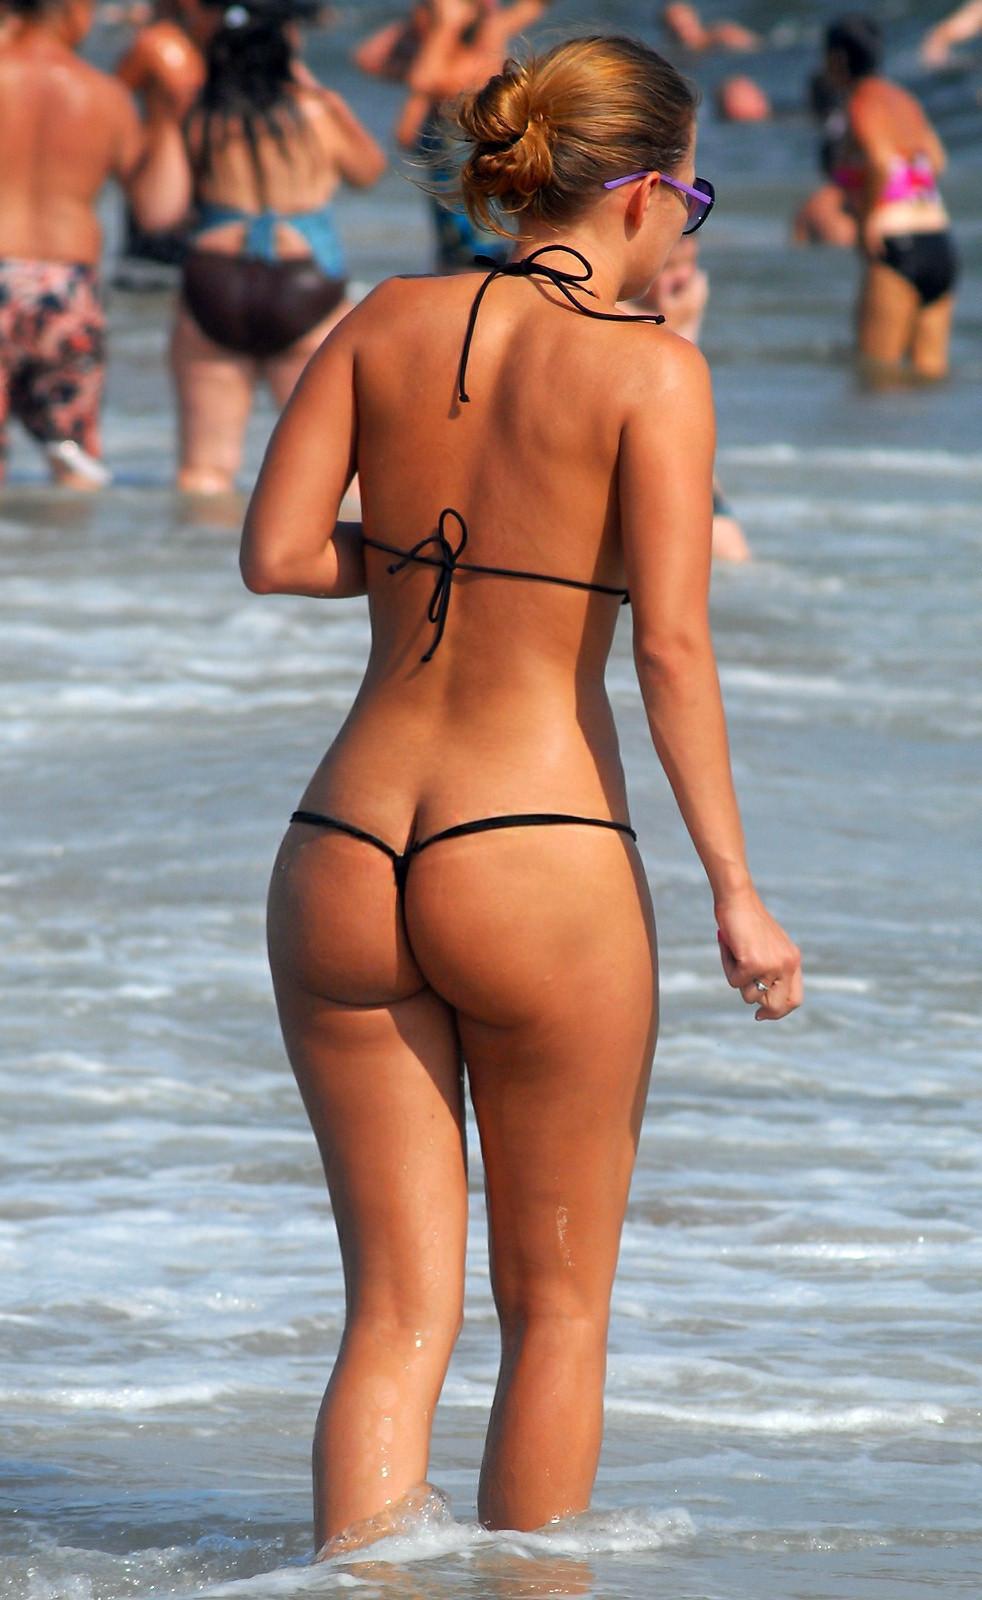 femme en string a la plage les salopes de 18 ans